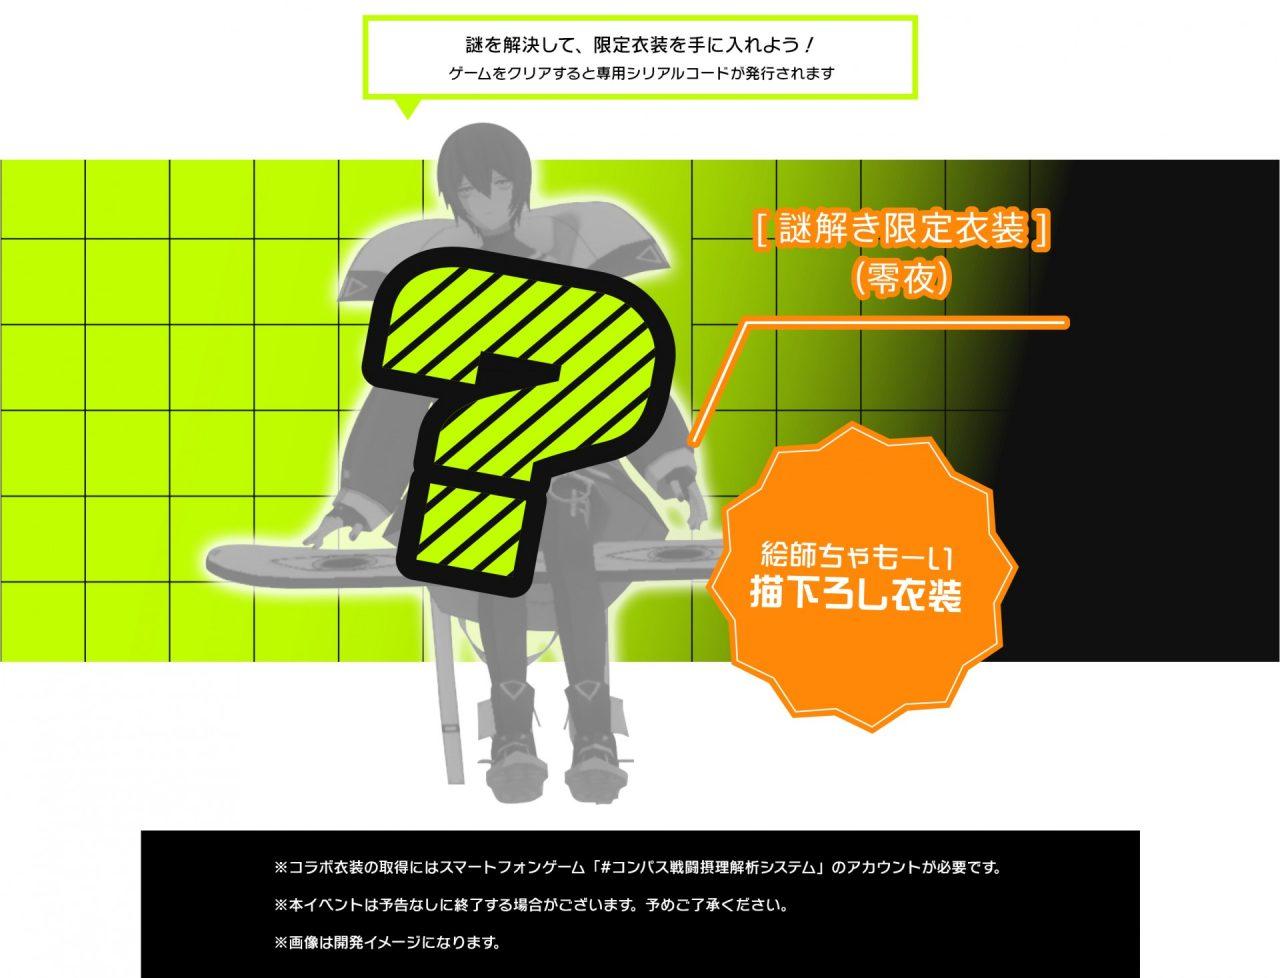 #コンパス【ニュース】:零夜の限定コスが手に入る!?AR謎解きイベント「MYSTERY OF MIRAGE MESSAGE」本日開催!